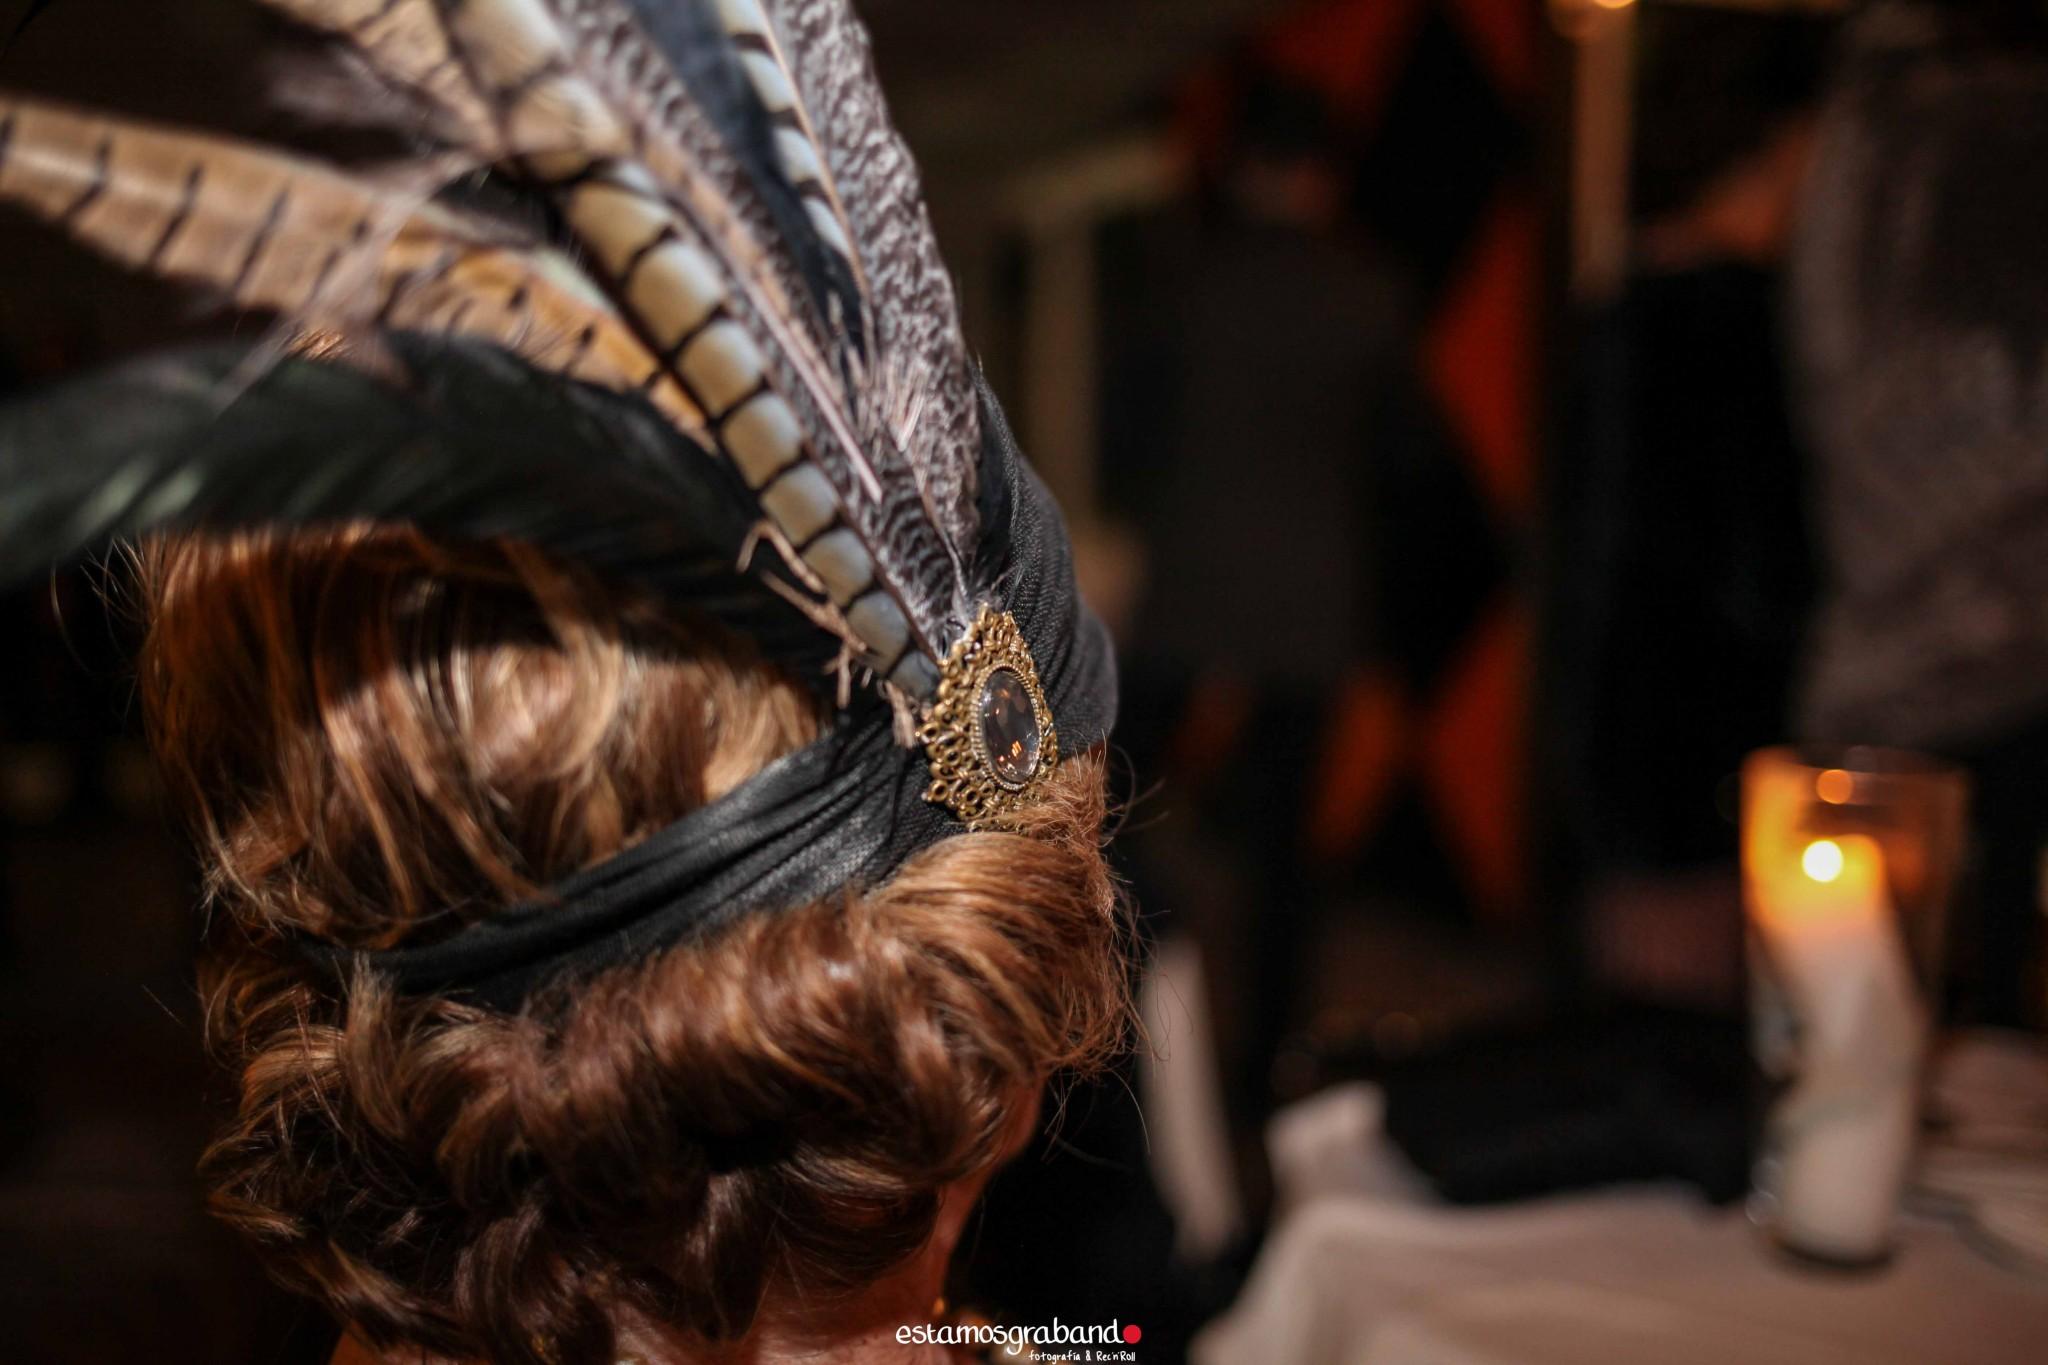 Fali-Bea-33-de-78 Fiesta Años 20 [La Teta de Julieta, Cádiz] - video boda cadiz